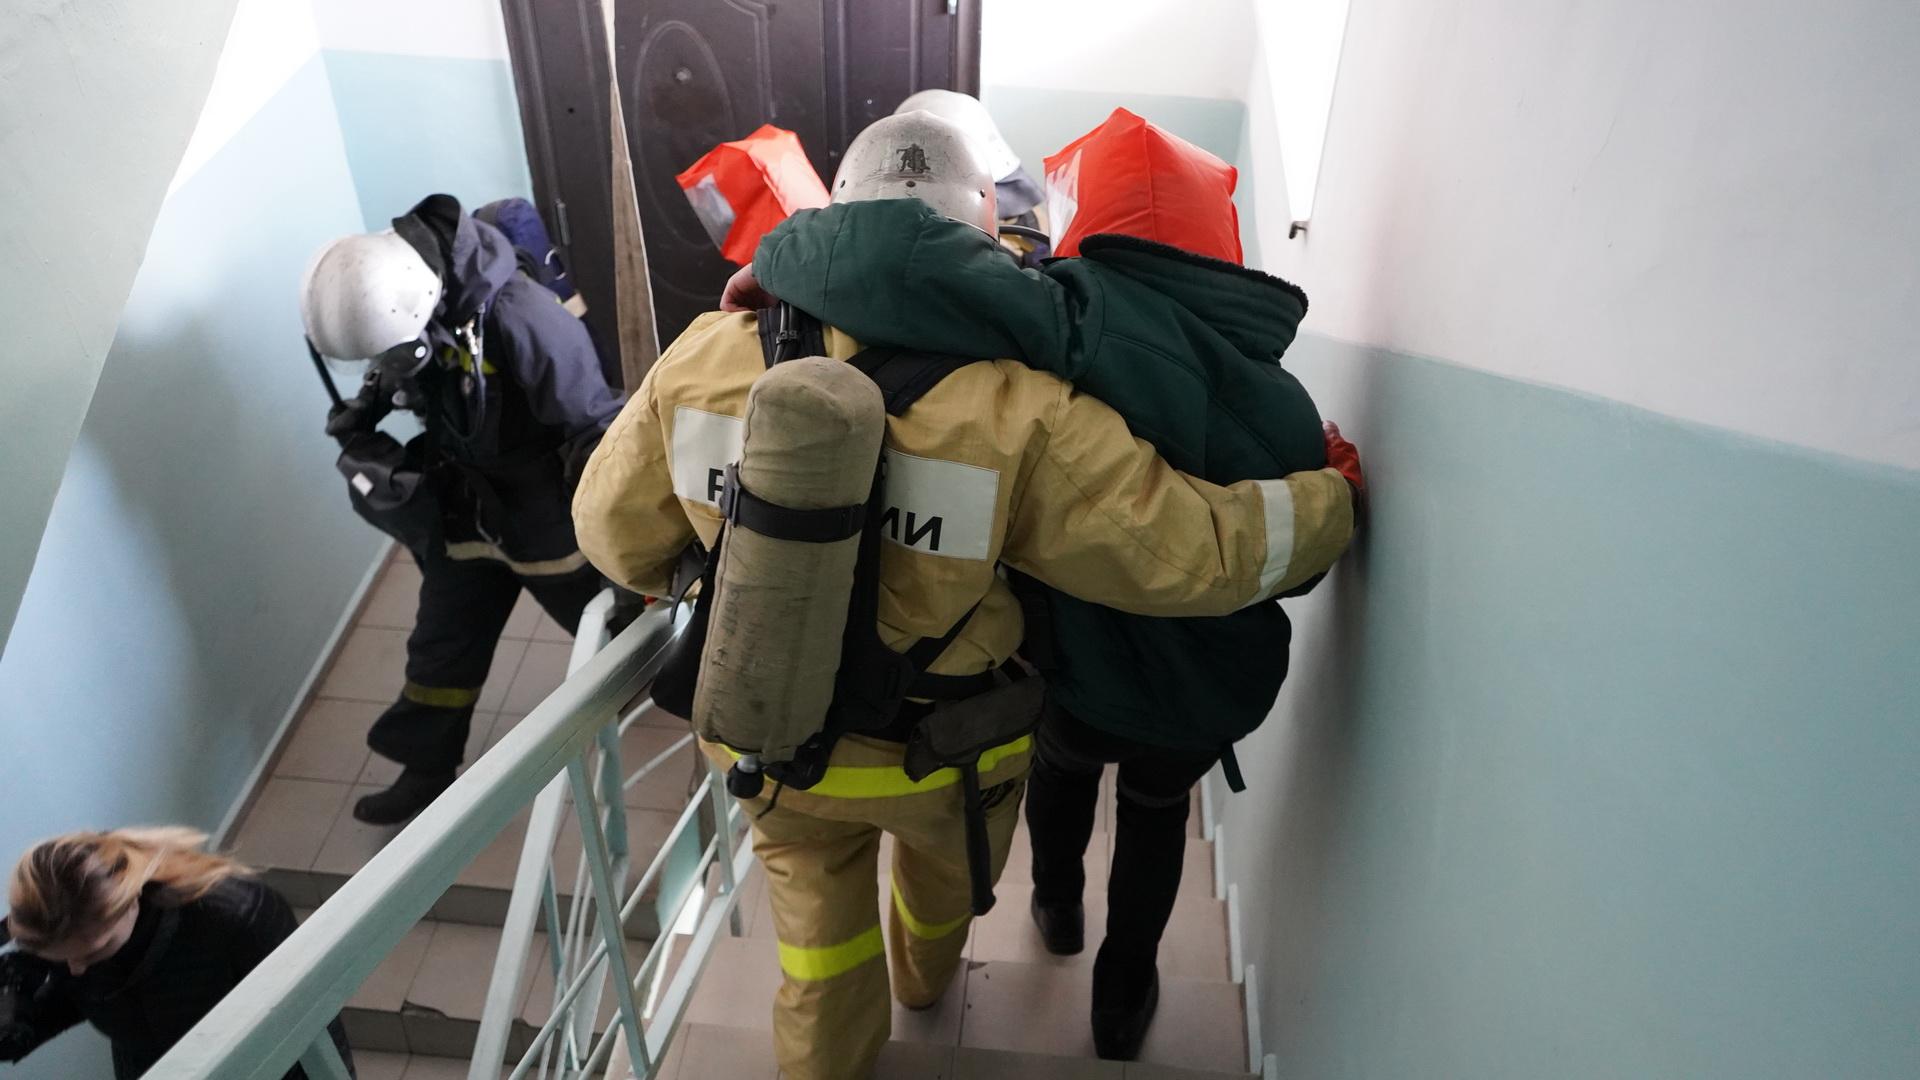 В соответствие с инструкциями осуществляется эвакуация людей из здания при пожаре.